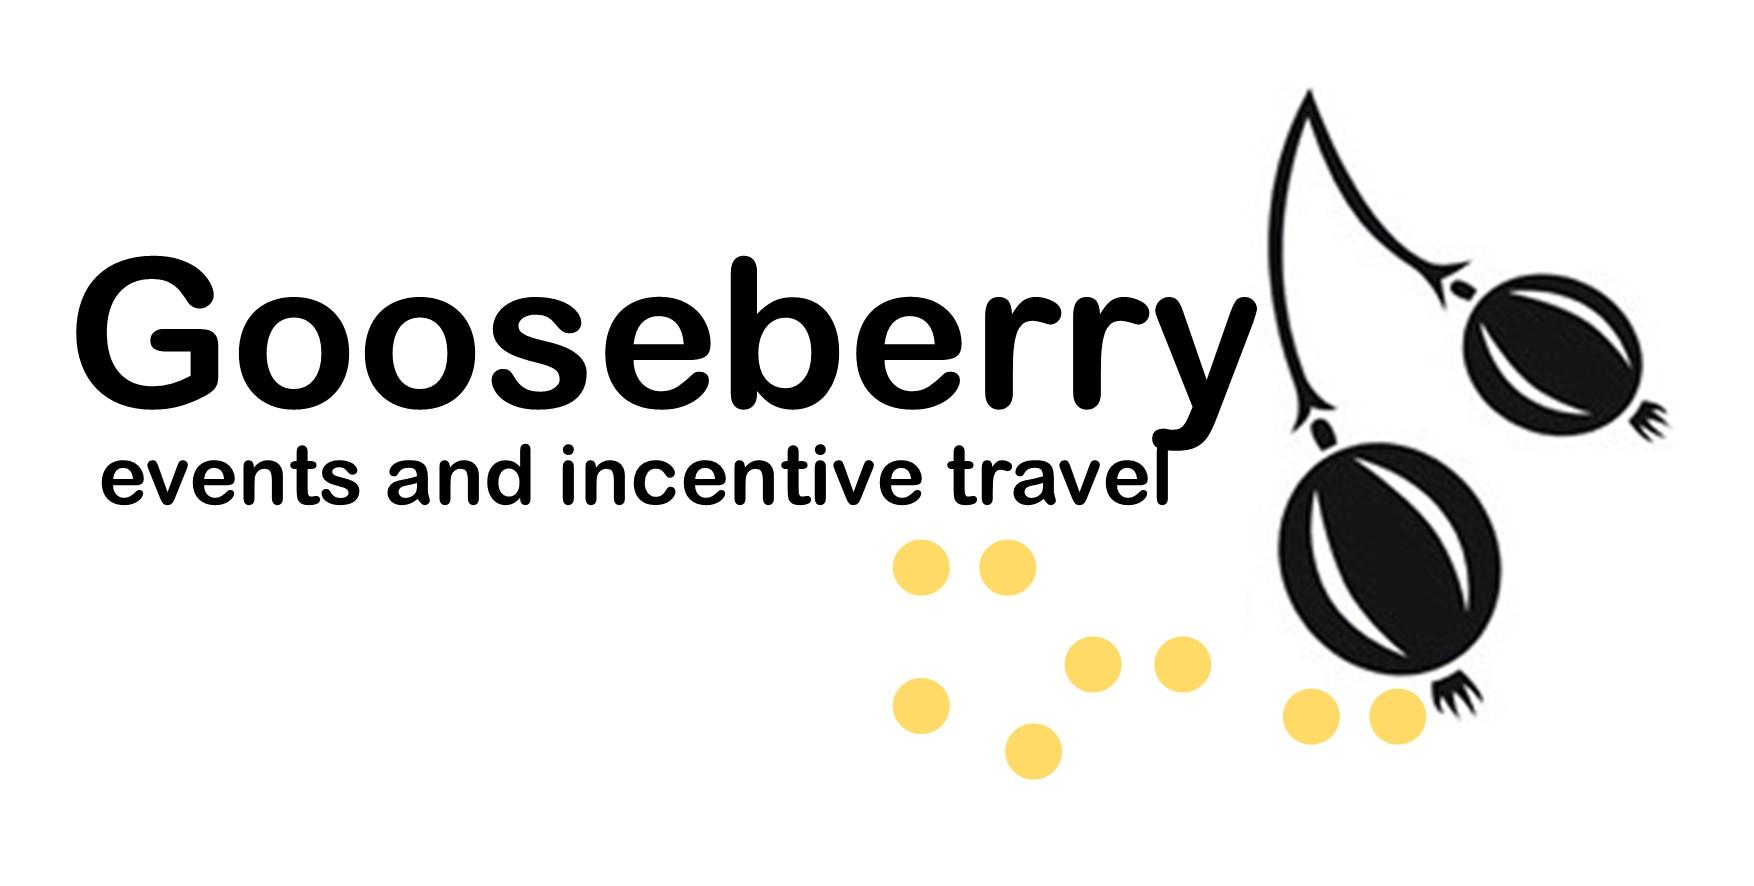 Gooseberry Events